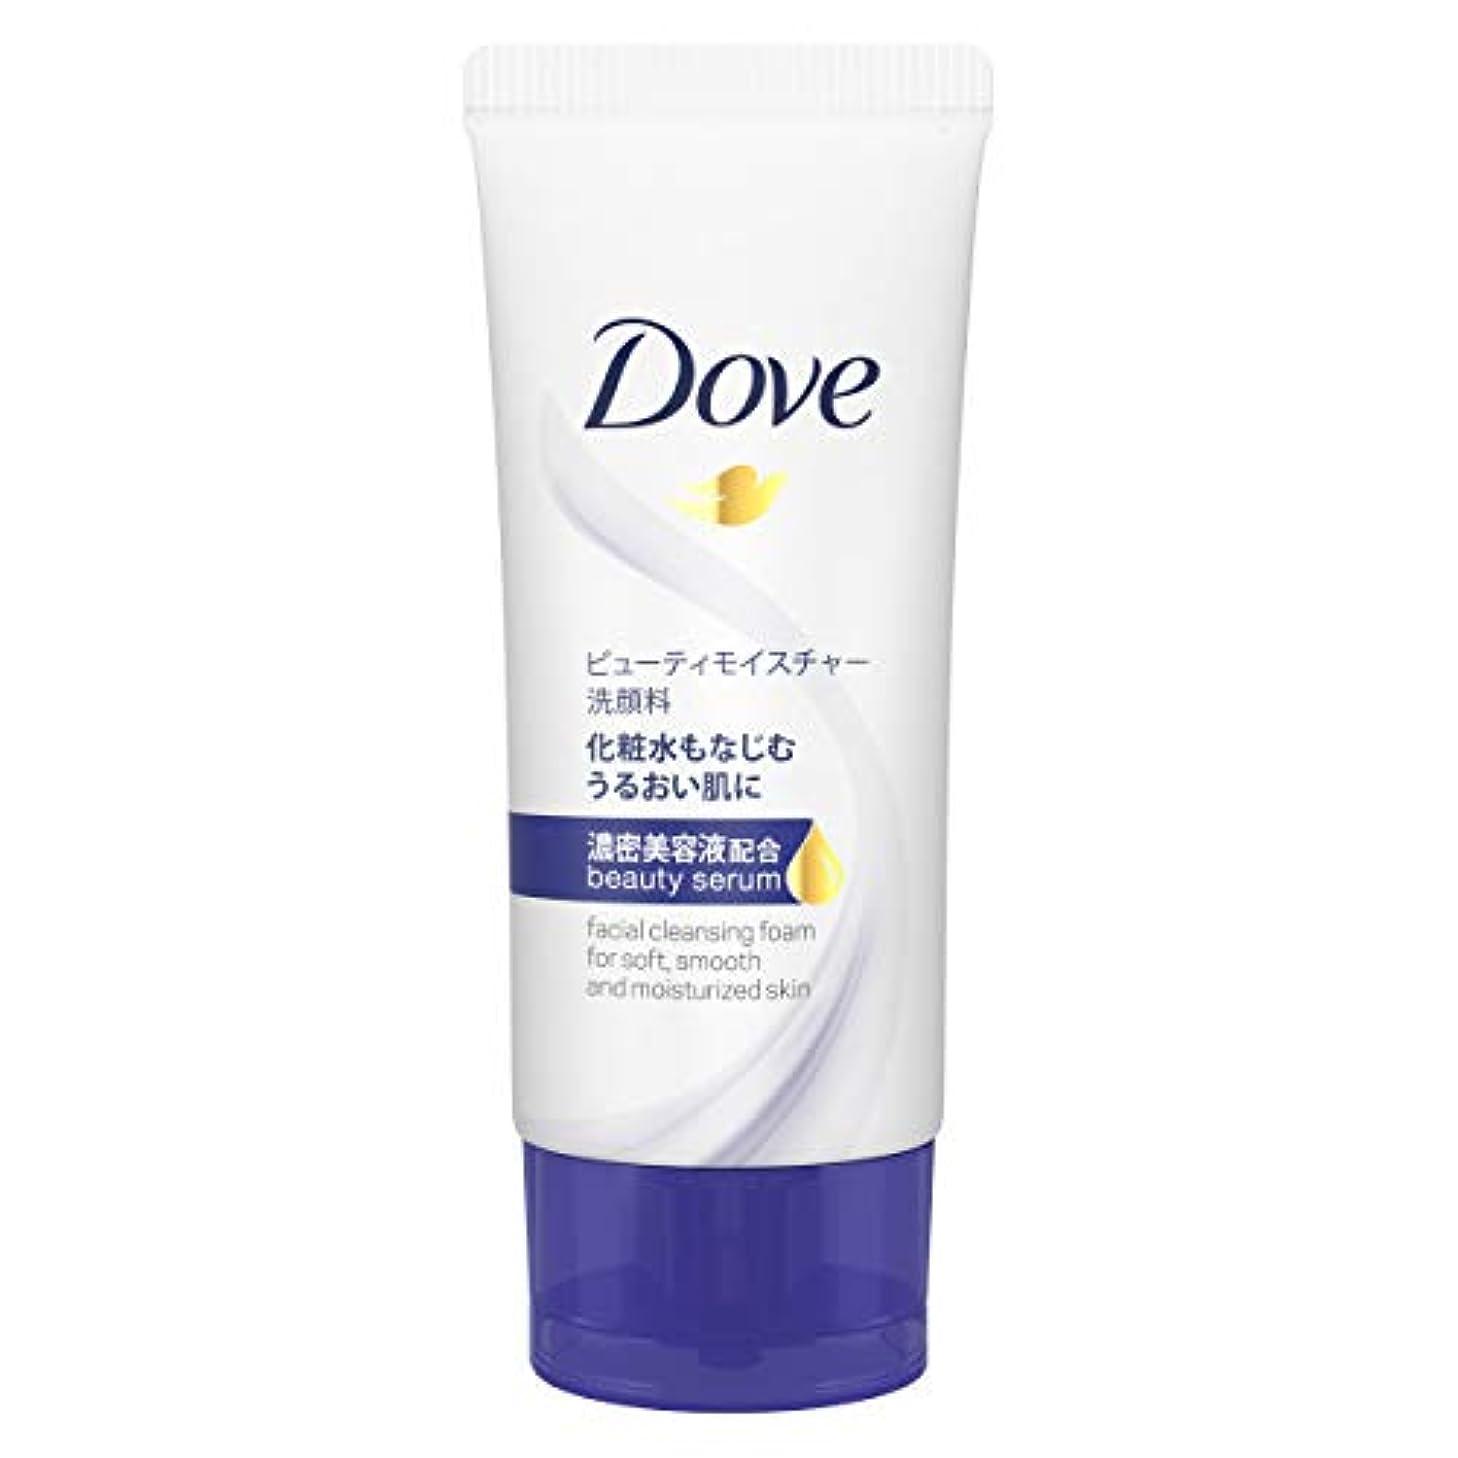 チャンピオンシップくしゃくしゃよろめくダヴ ビューティモイスチャー 洗顔料 30g